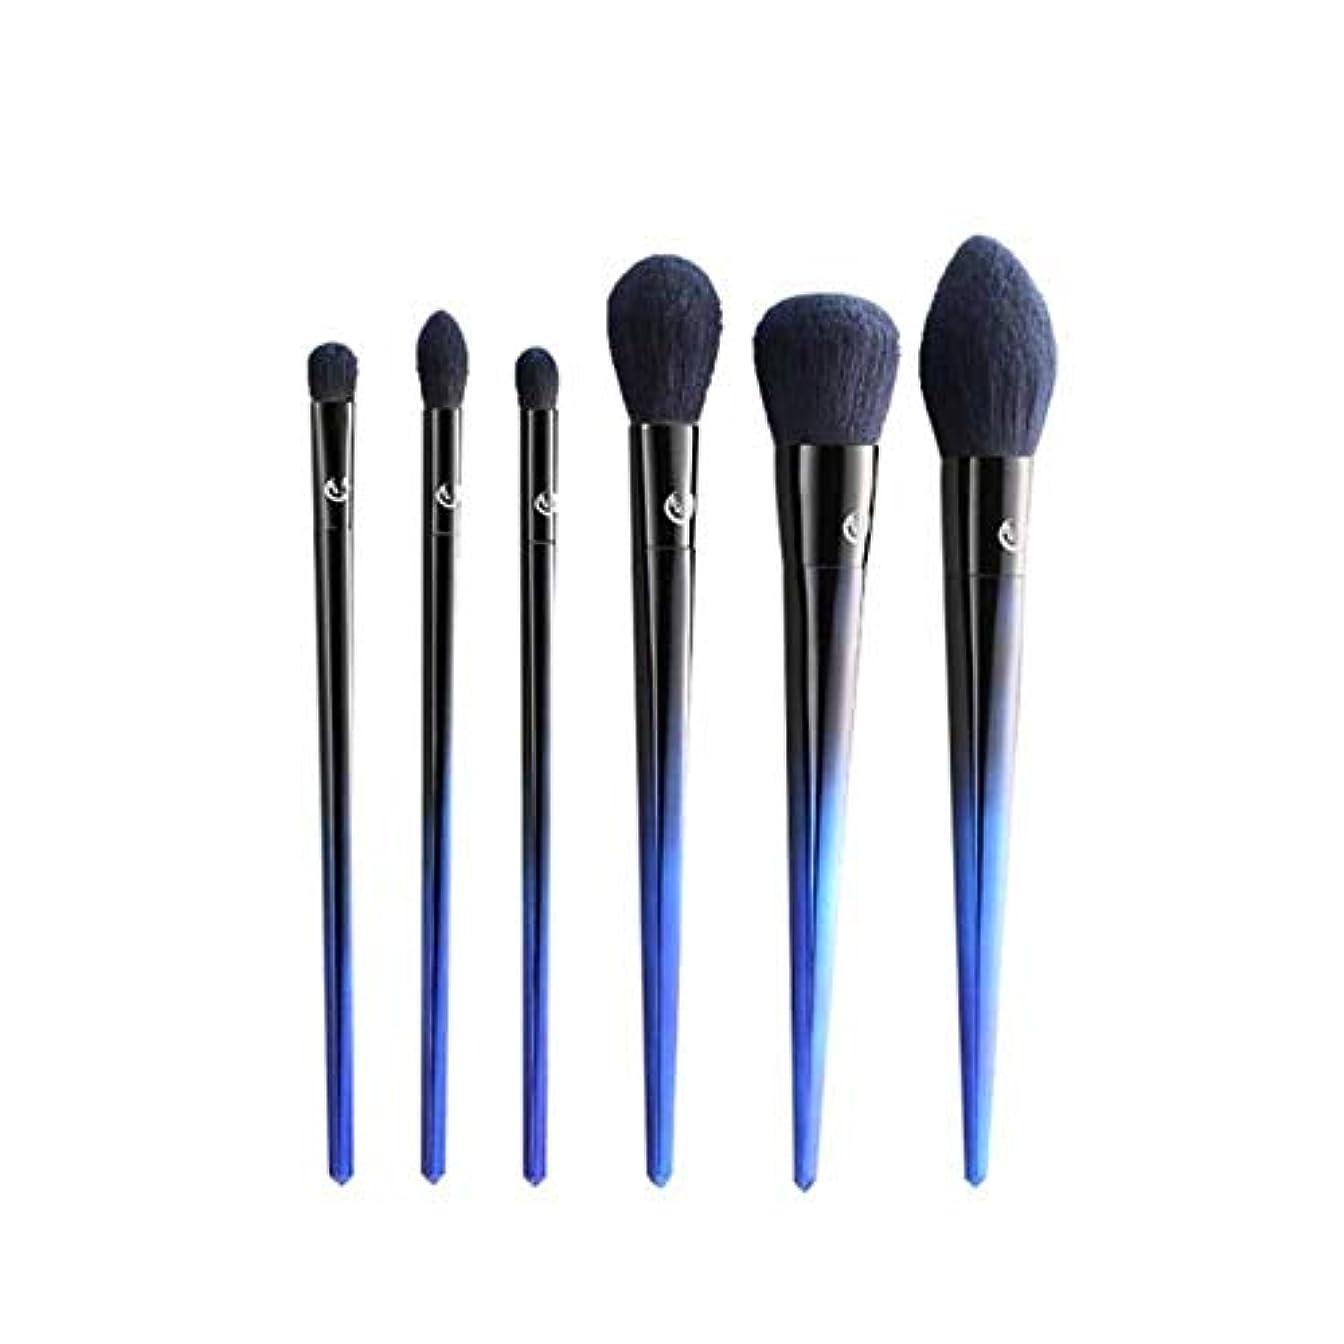 八百屋さん現代信号TUOFL メイクブラシ、6つのメイクブラシセット、アイ?フェイシャル?ルースパウダーブラッシュスマッジ美容ツール、プロフェッショナル初心者メイクアップツール、ブルー (Color : Blue)